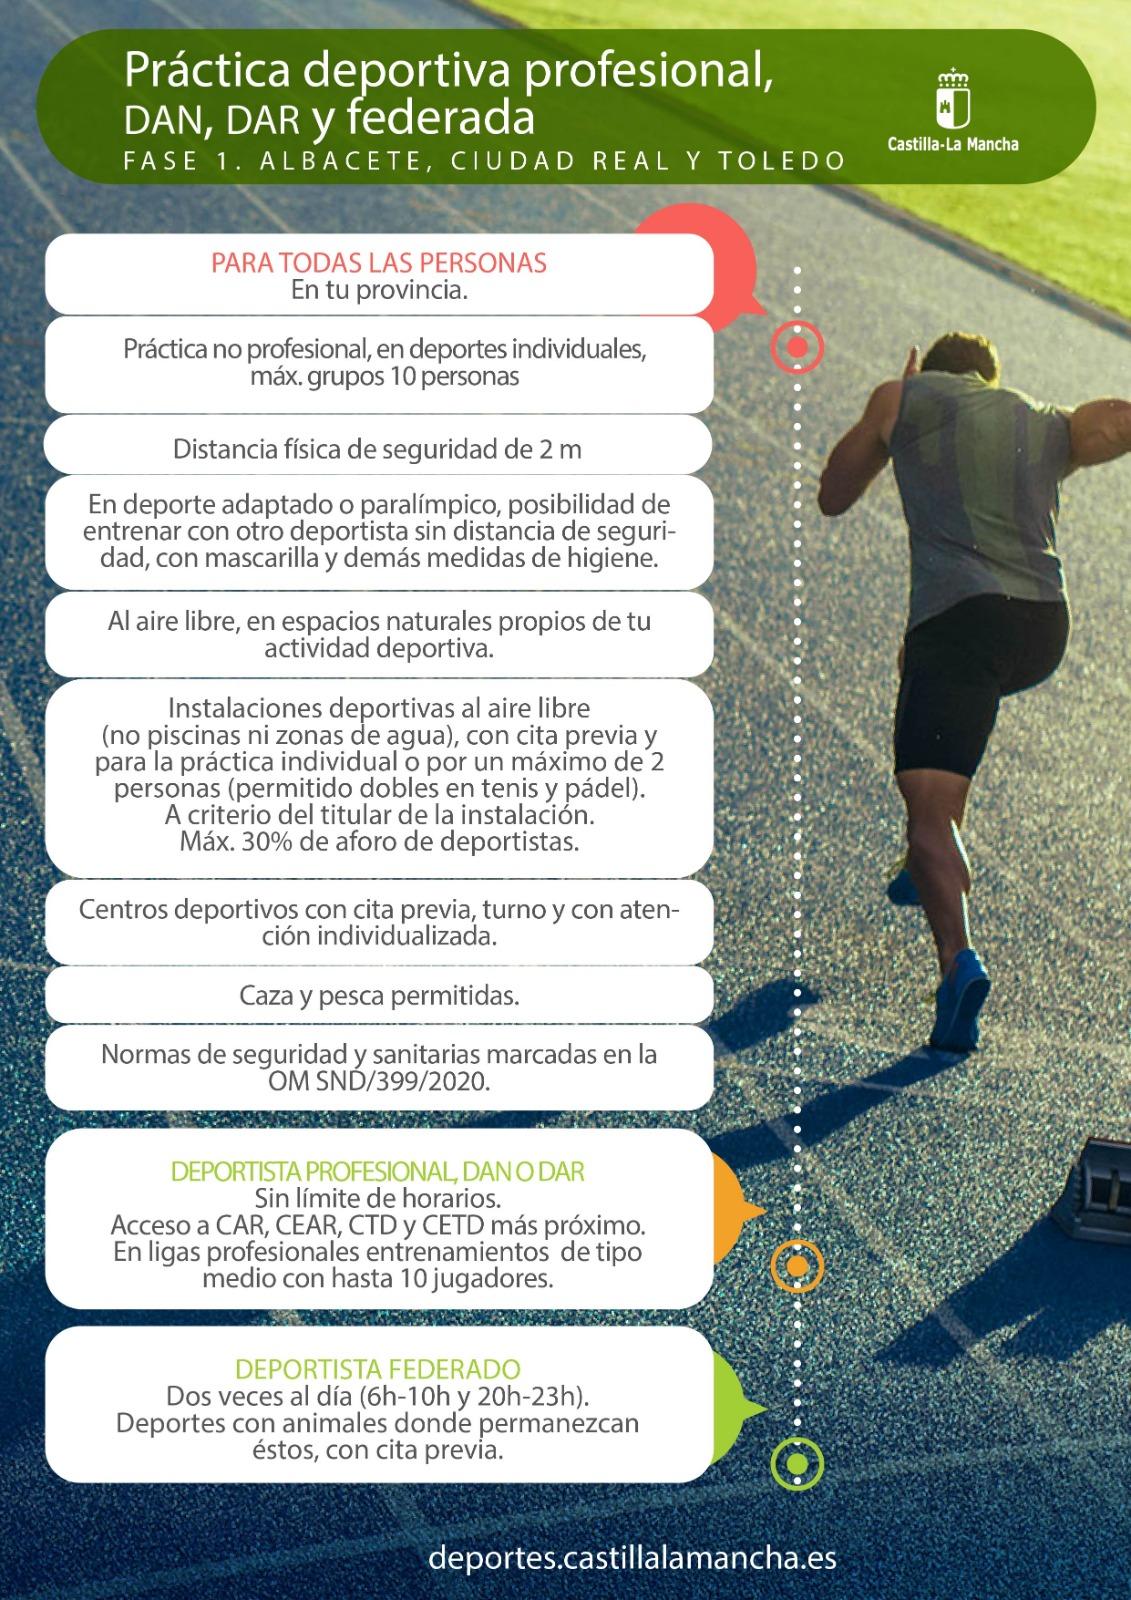 Práctica deportiva Fase 1 profesional DAN, DAR y federada (act. 27/05/2020)